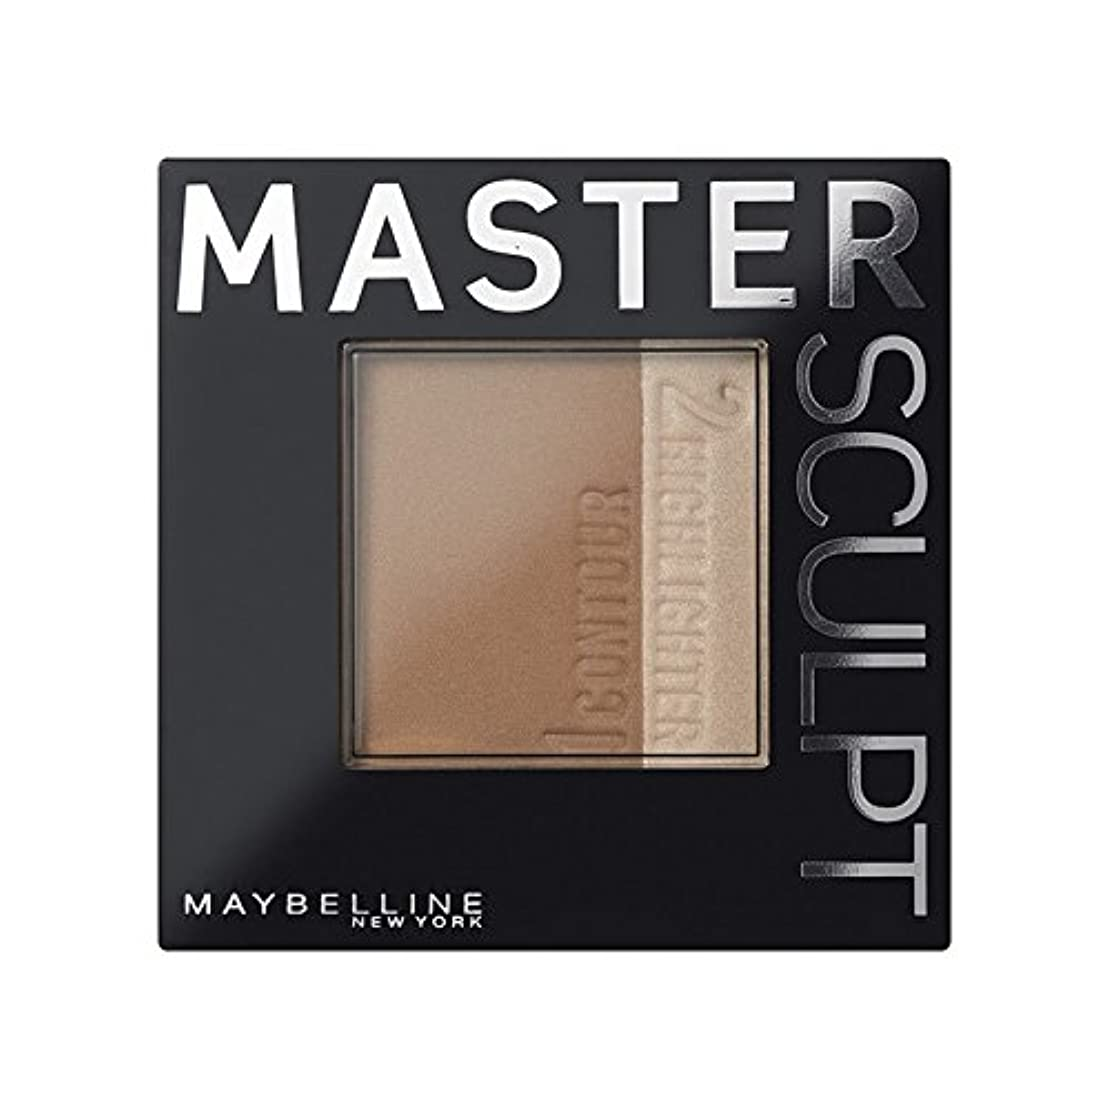 アルファベット順エンゲージメント服を洗うMaybelline Master Sculpt Contouring Foundation 01 Light/Med - 土台01光/ を輪郭メイベリンマスタースカルプト [並行輸入品]